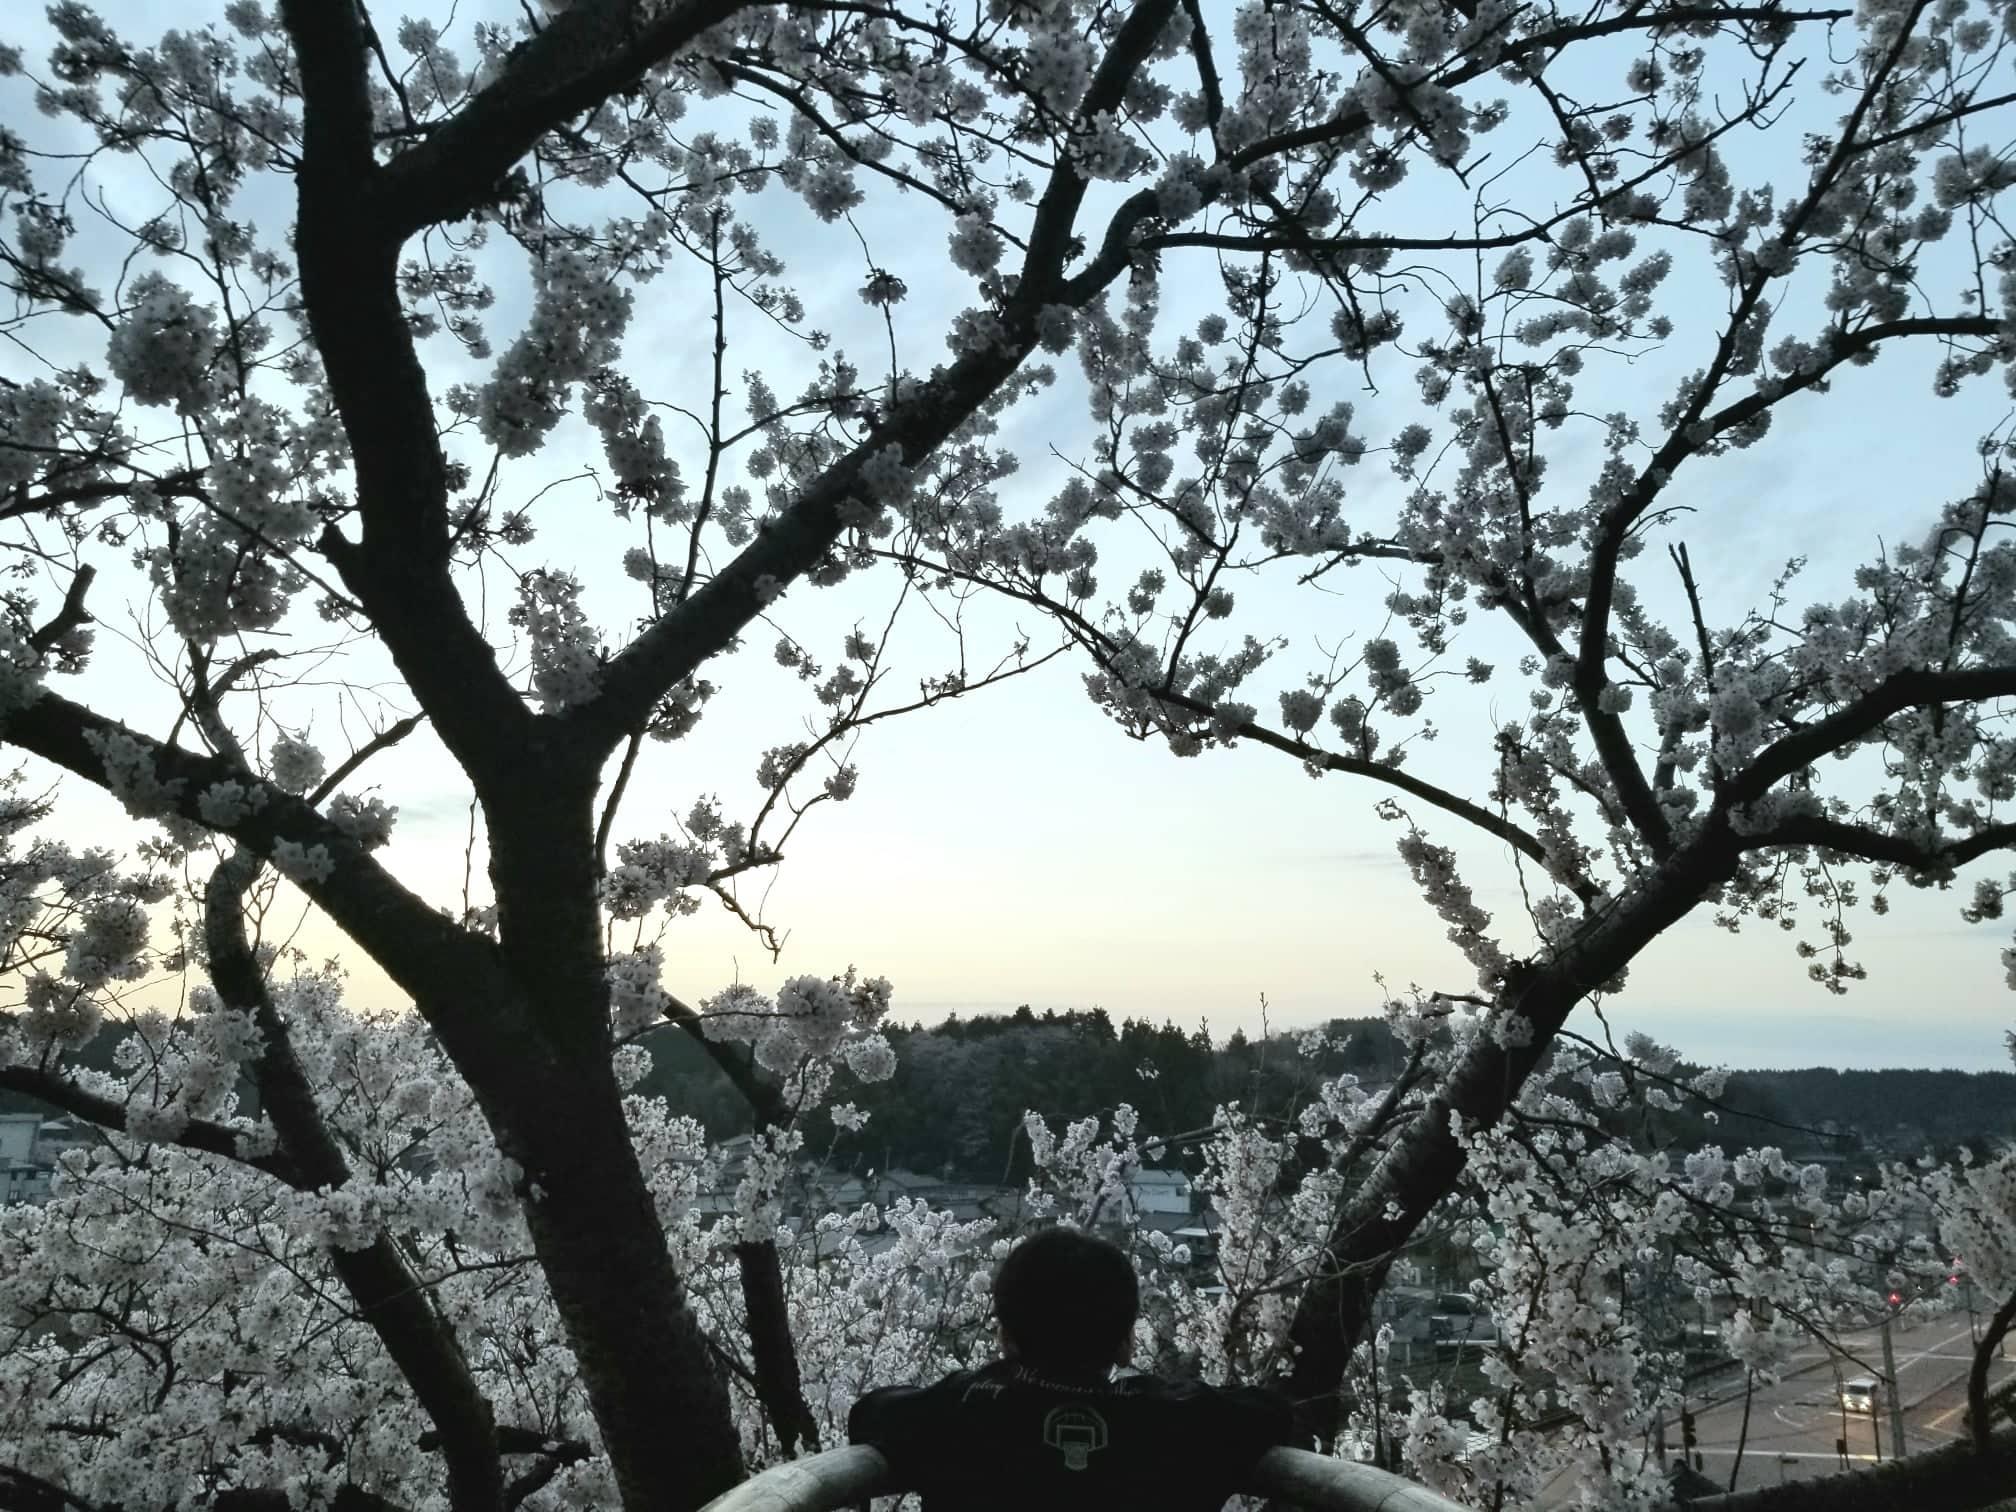 能登の桜名所!前田利家が築いた小丸山城跡の「小丸山城址公園」【七尾市】